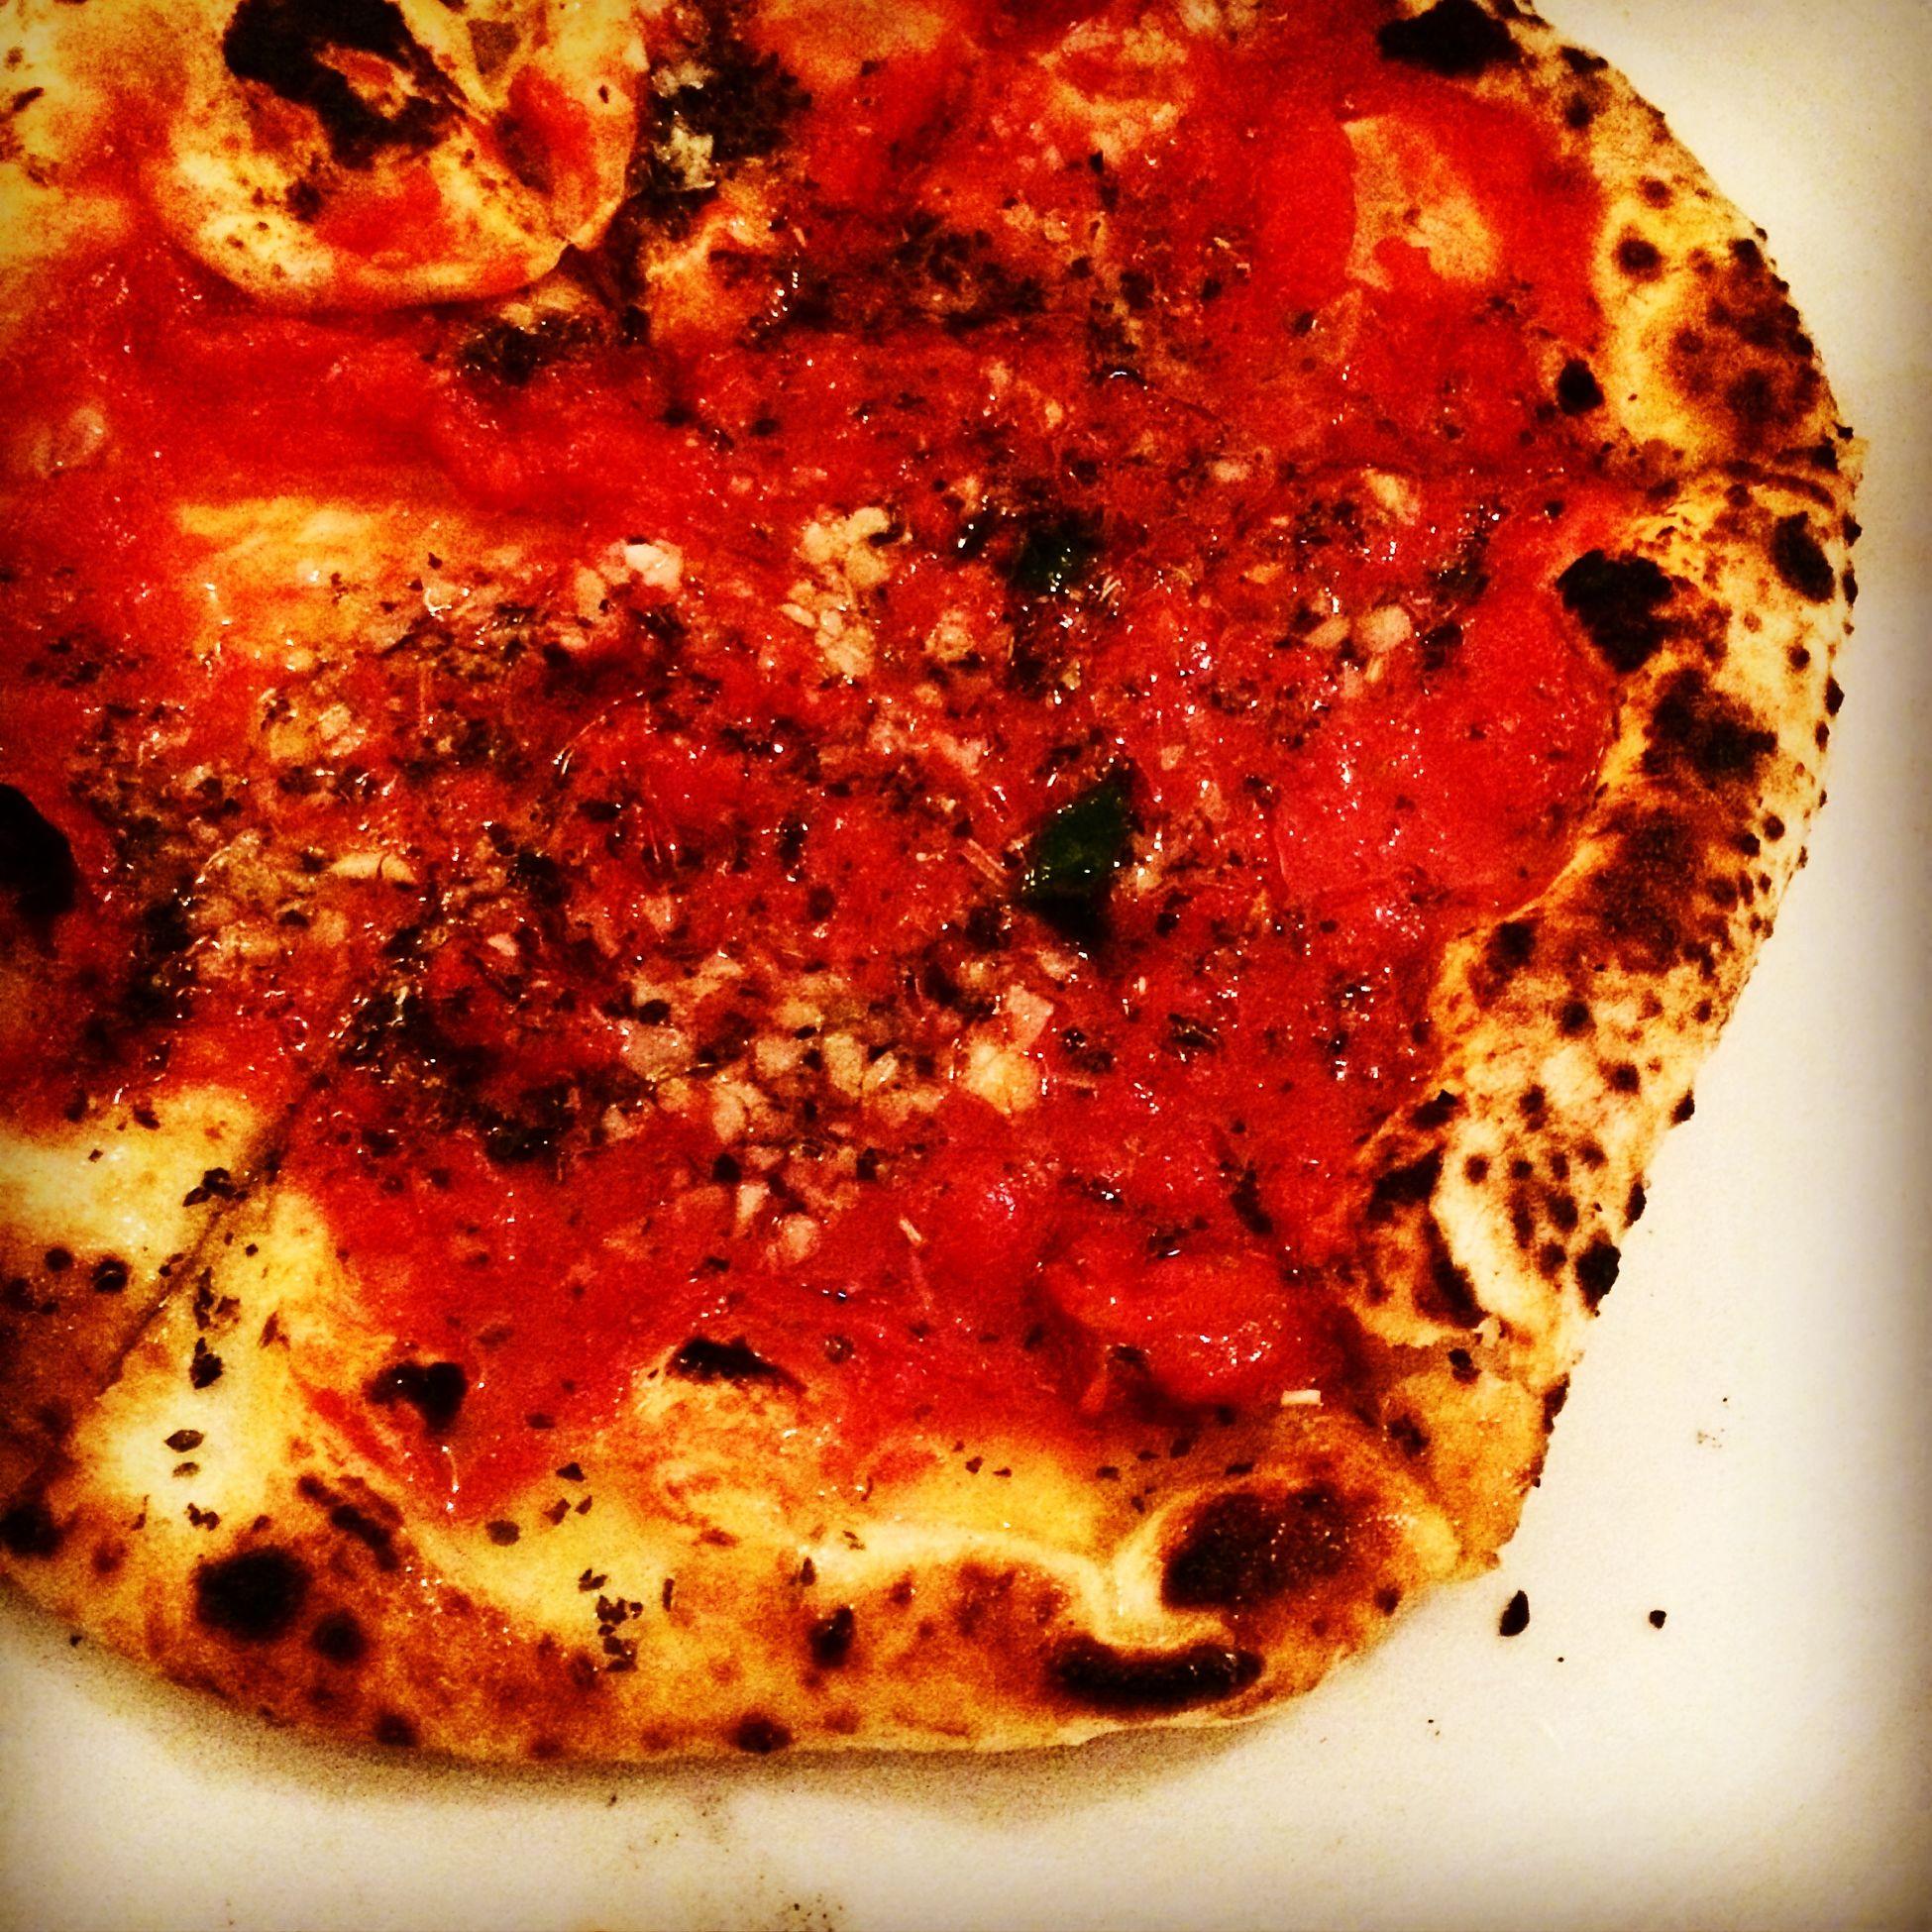 Pizza Pasta Eating Enjoying Life Relaxing